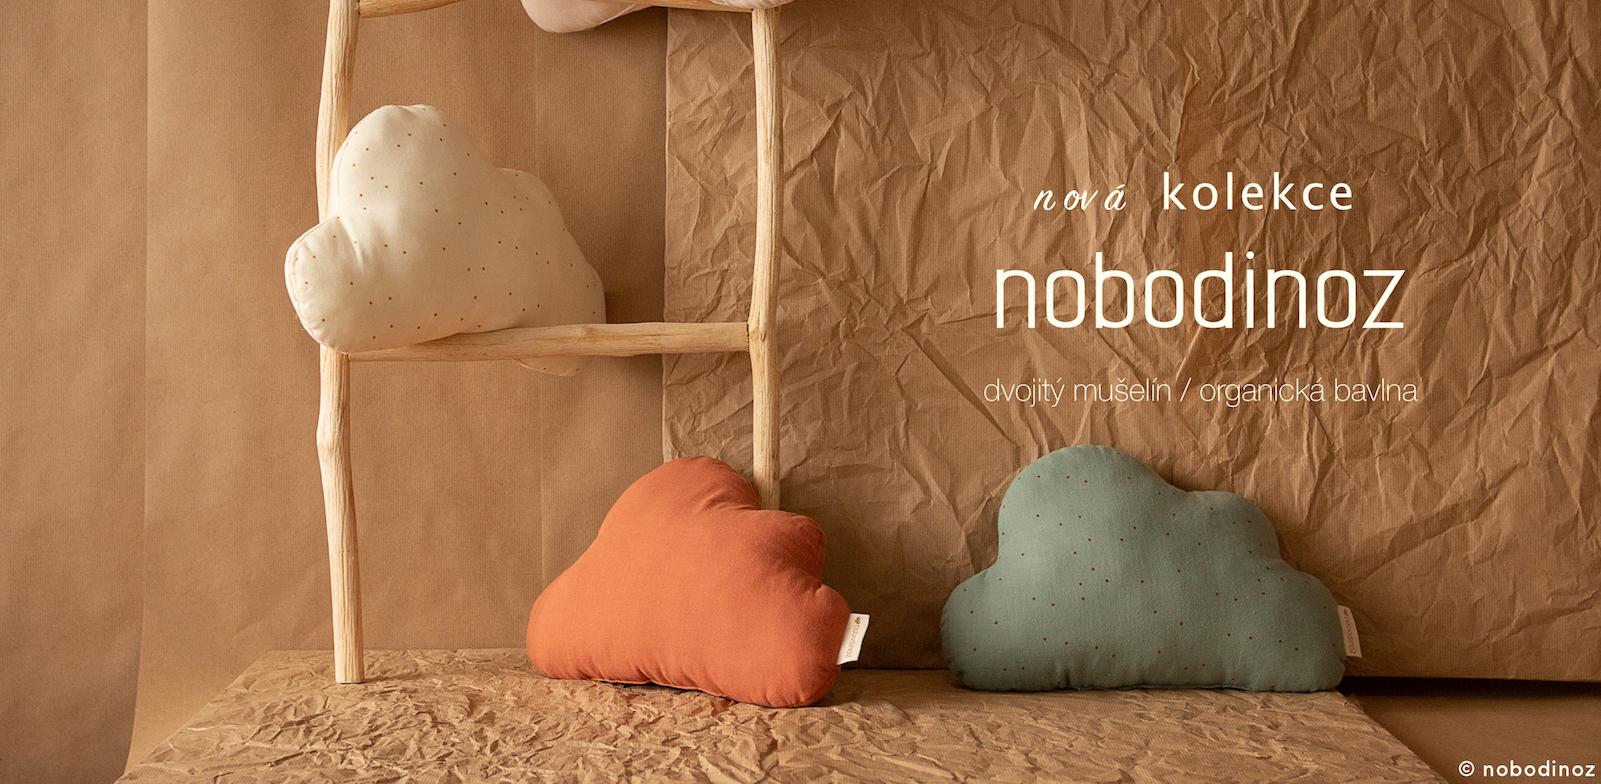 Nová kolekce Nobodinoz z dvojitého mušelínu